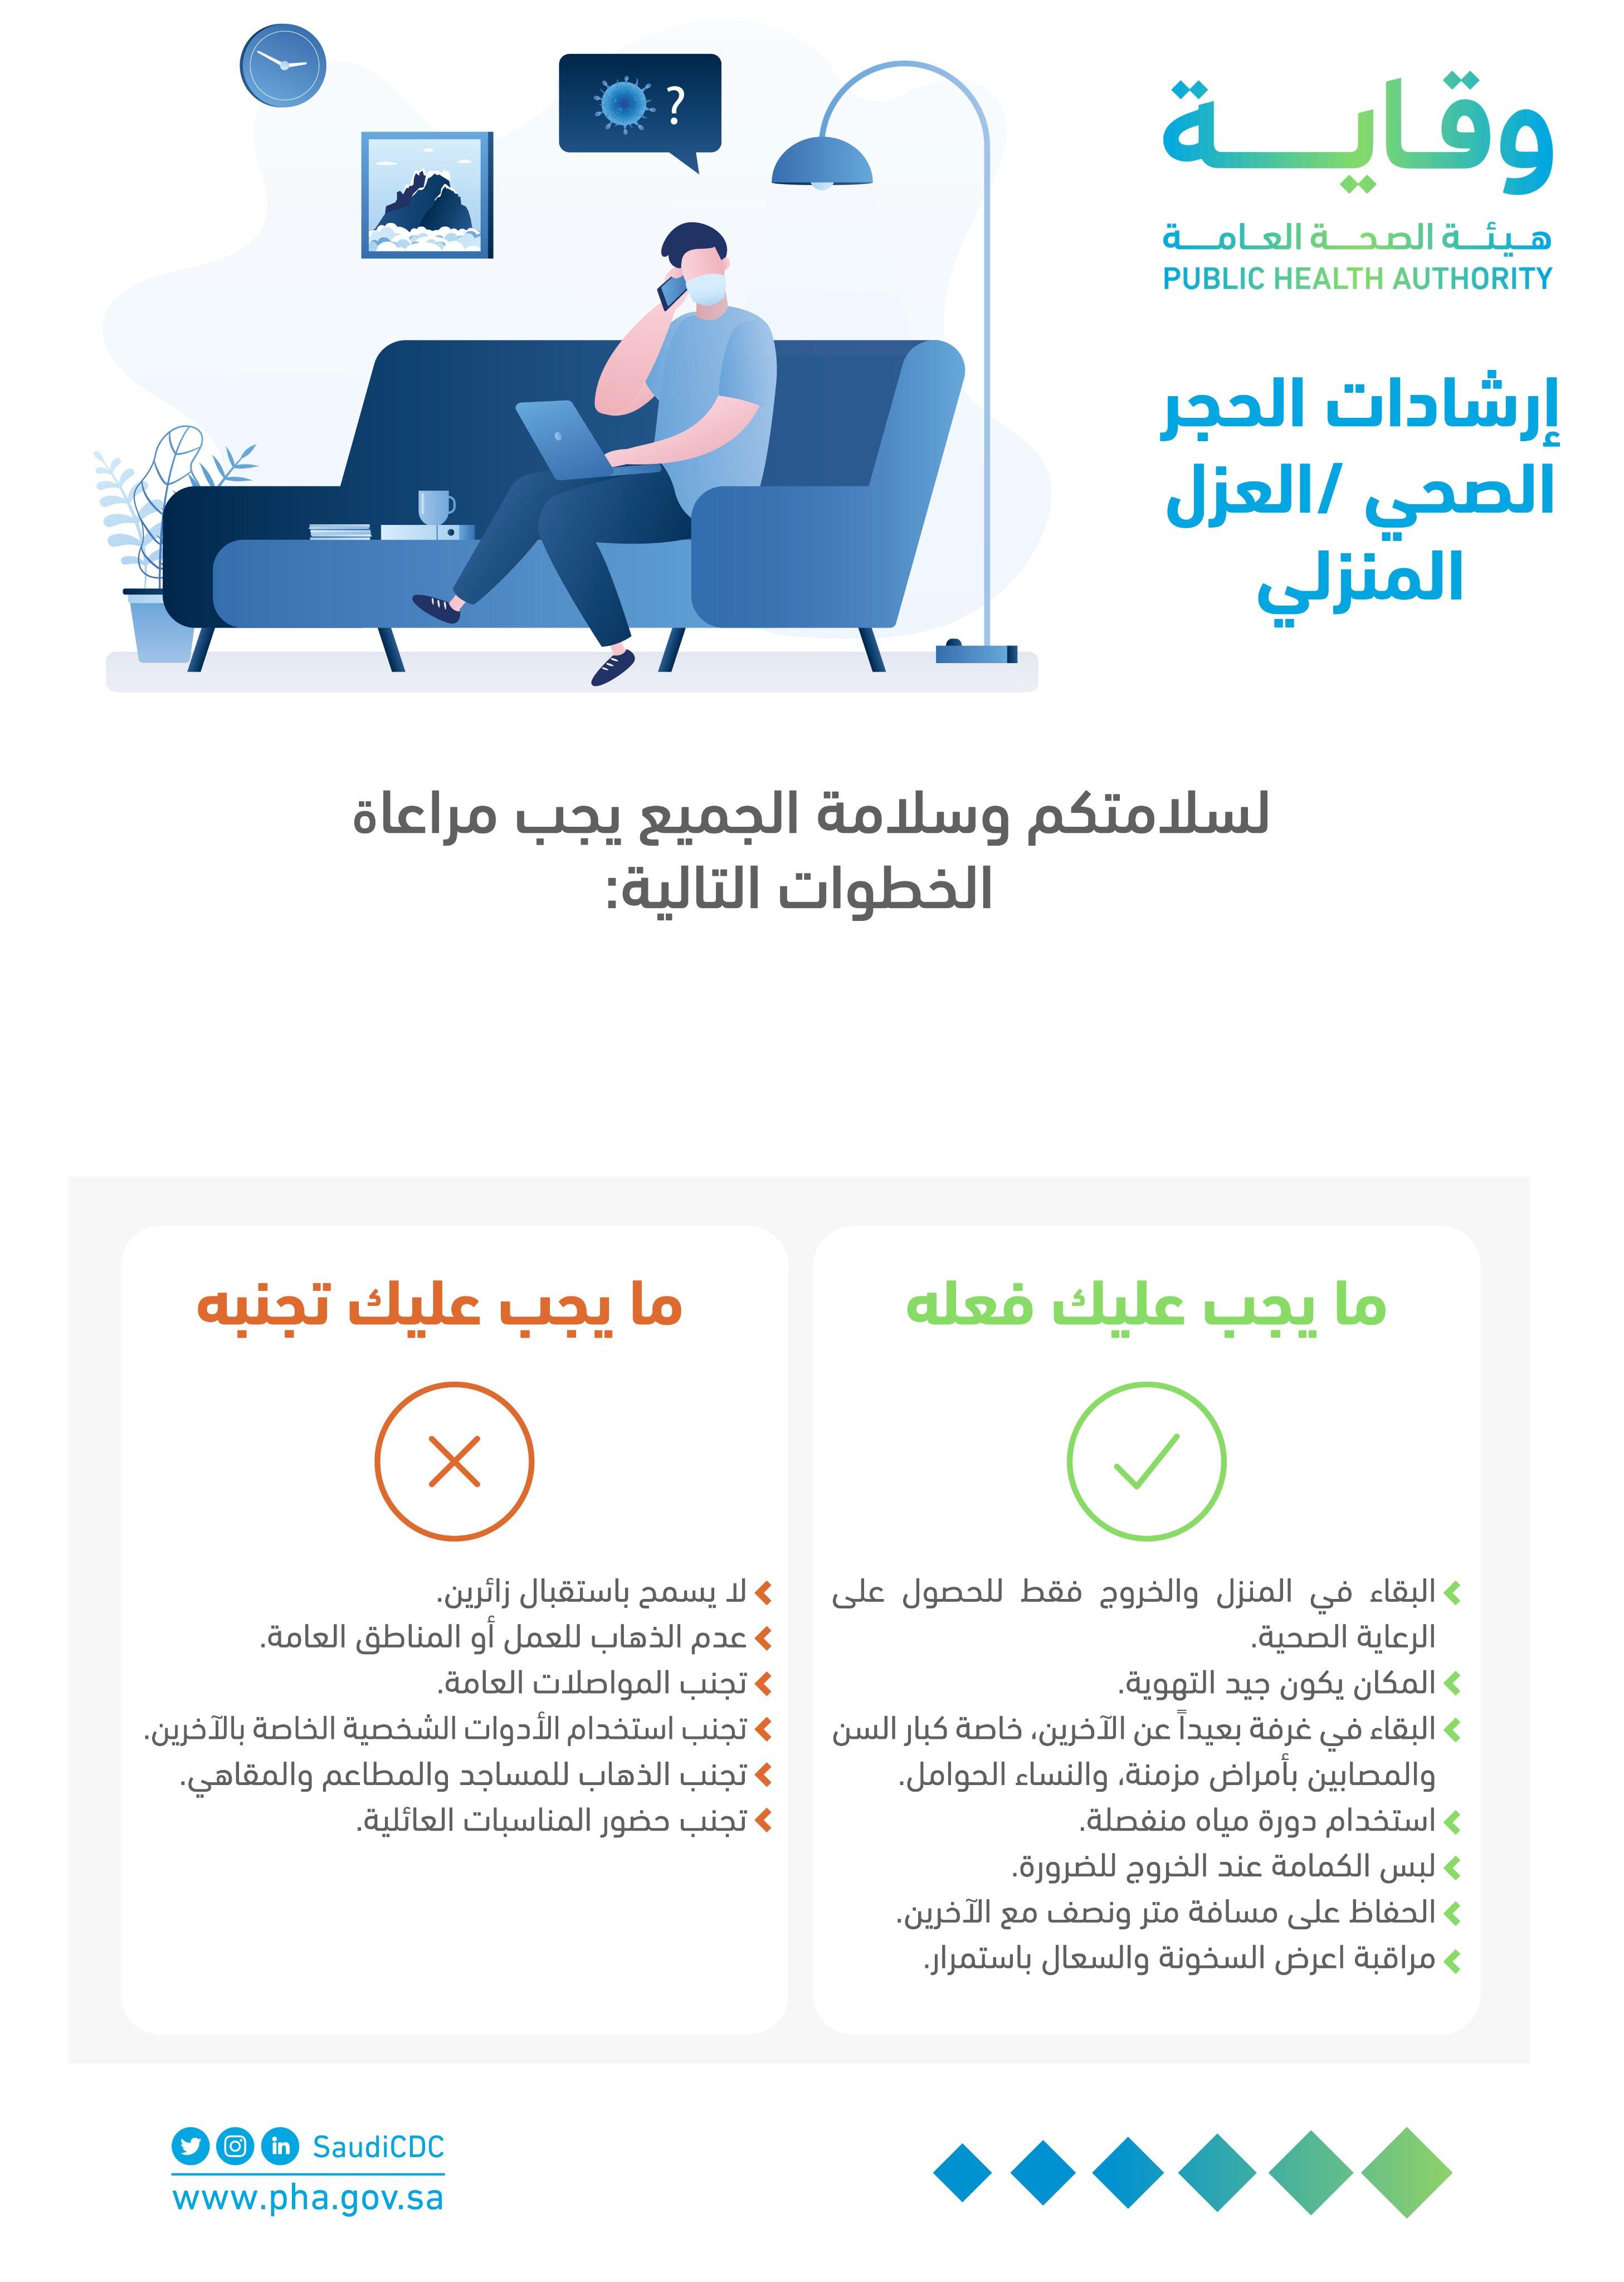 إرشادات الحجر الصحي - العزل المنزلي #هيئة_الصحة_العامة #وقاية